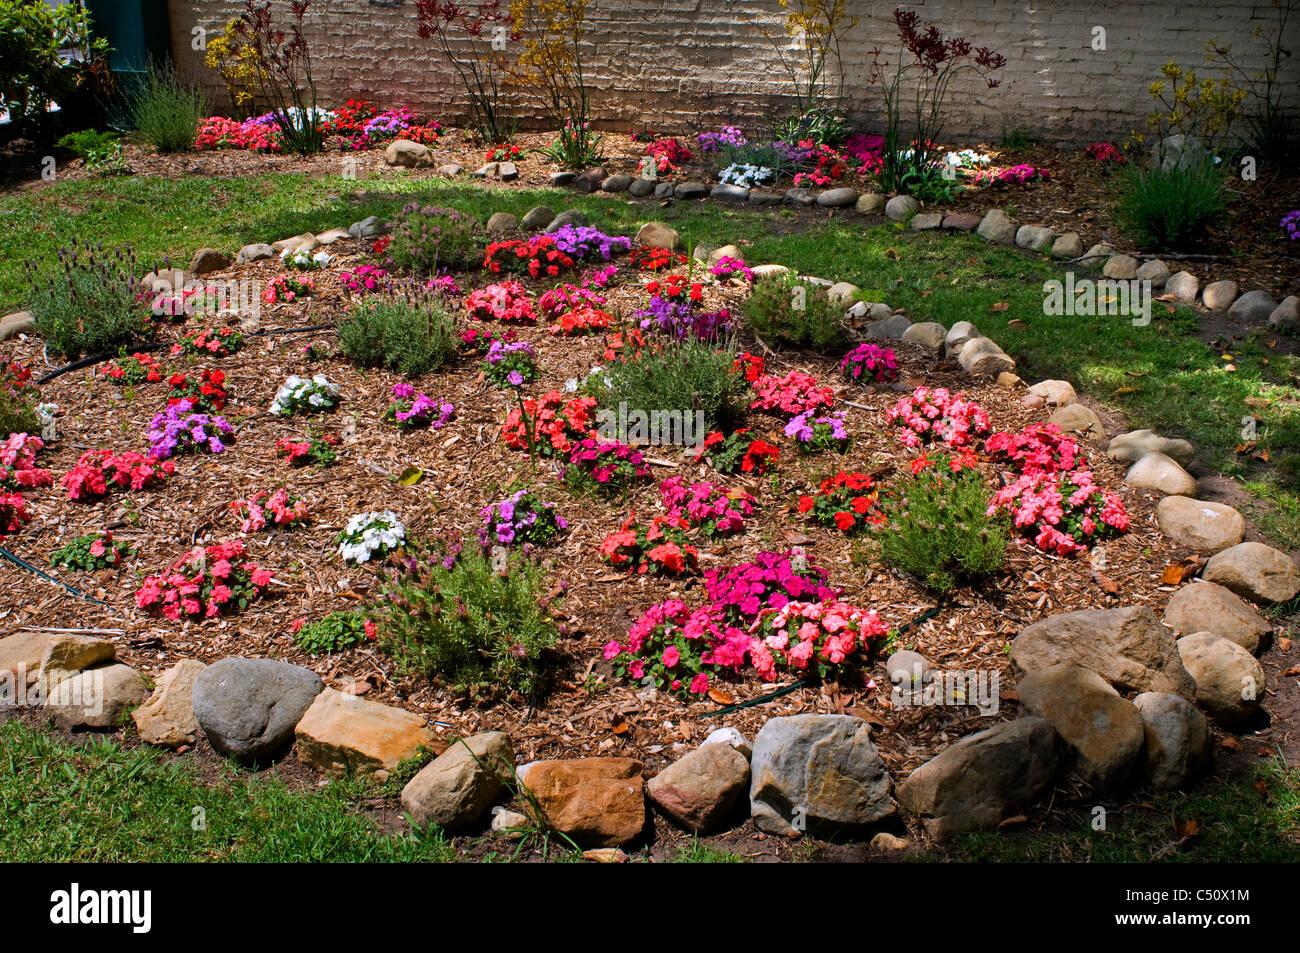 Flower Garden With Rocks